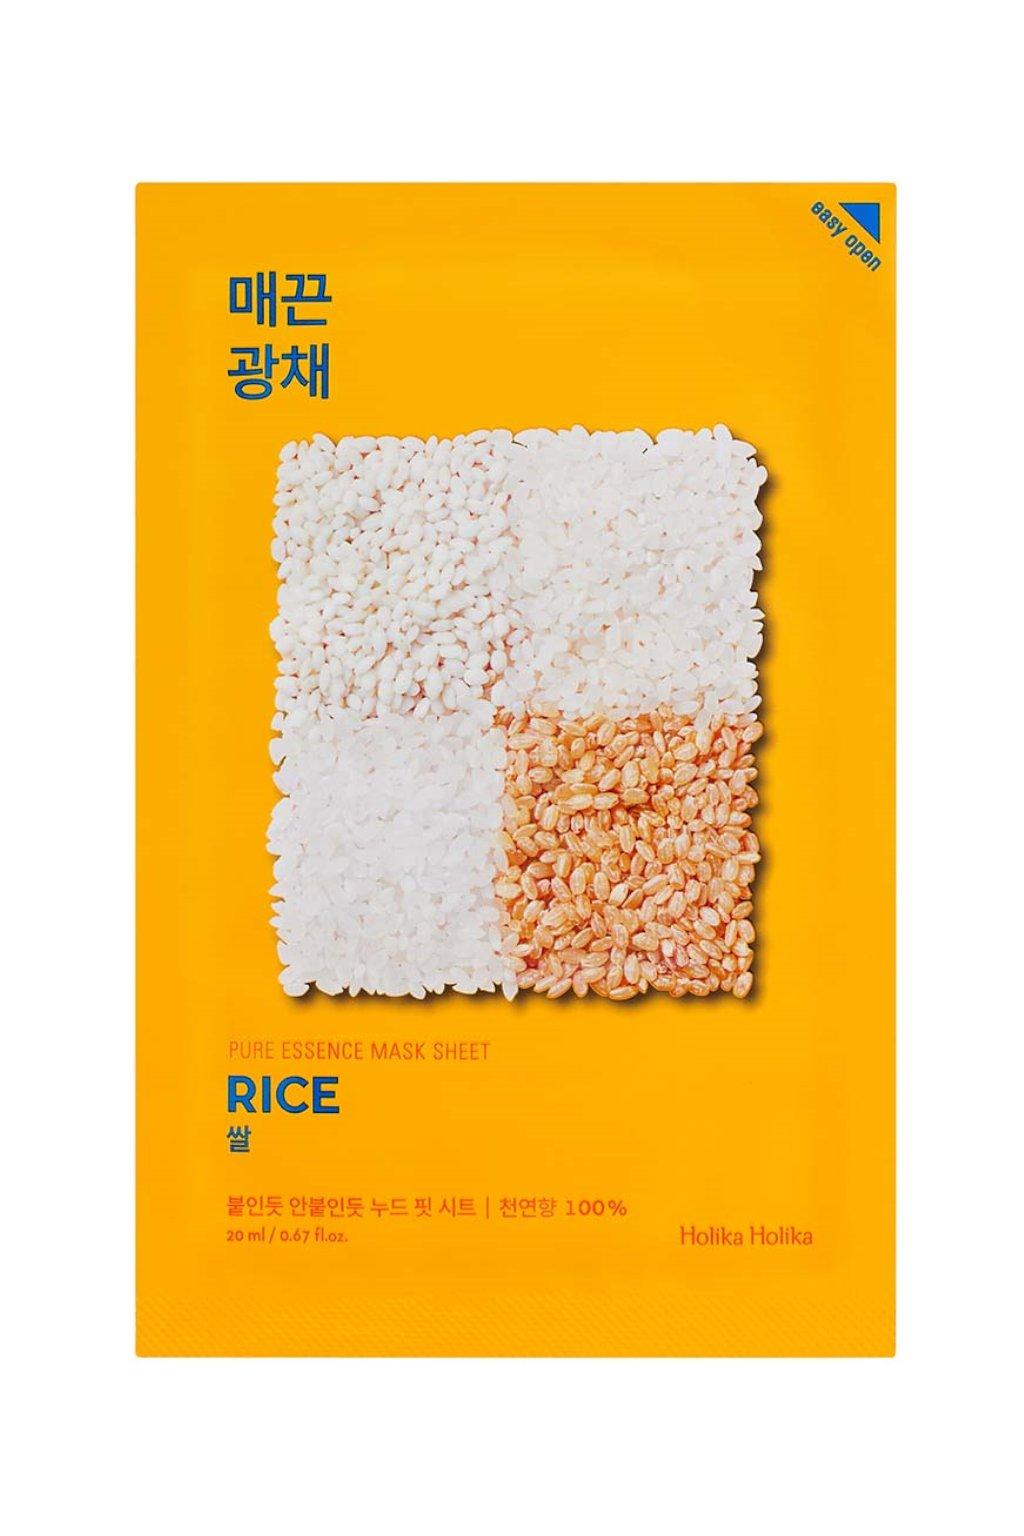 Holika Holika Pure Essence Rice Mask 1024x1364